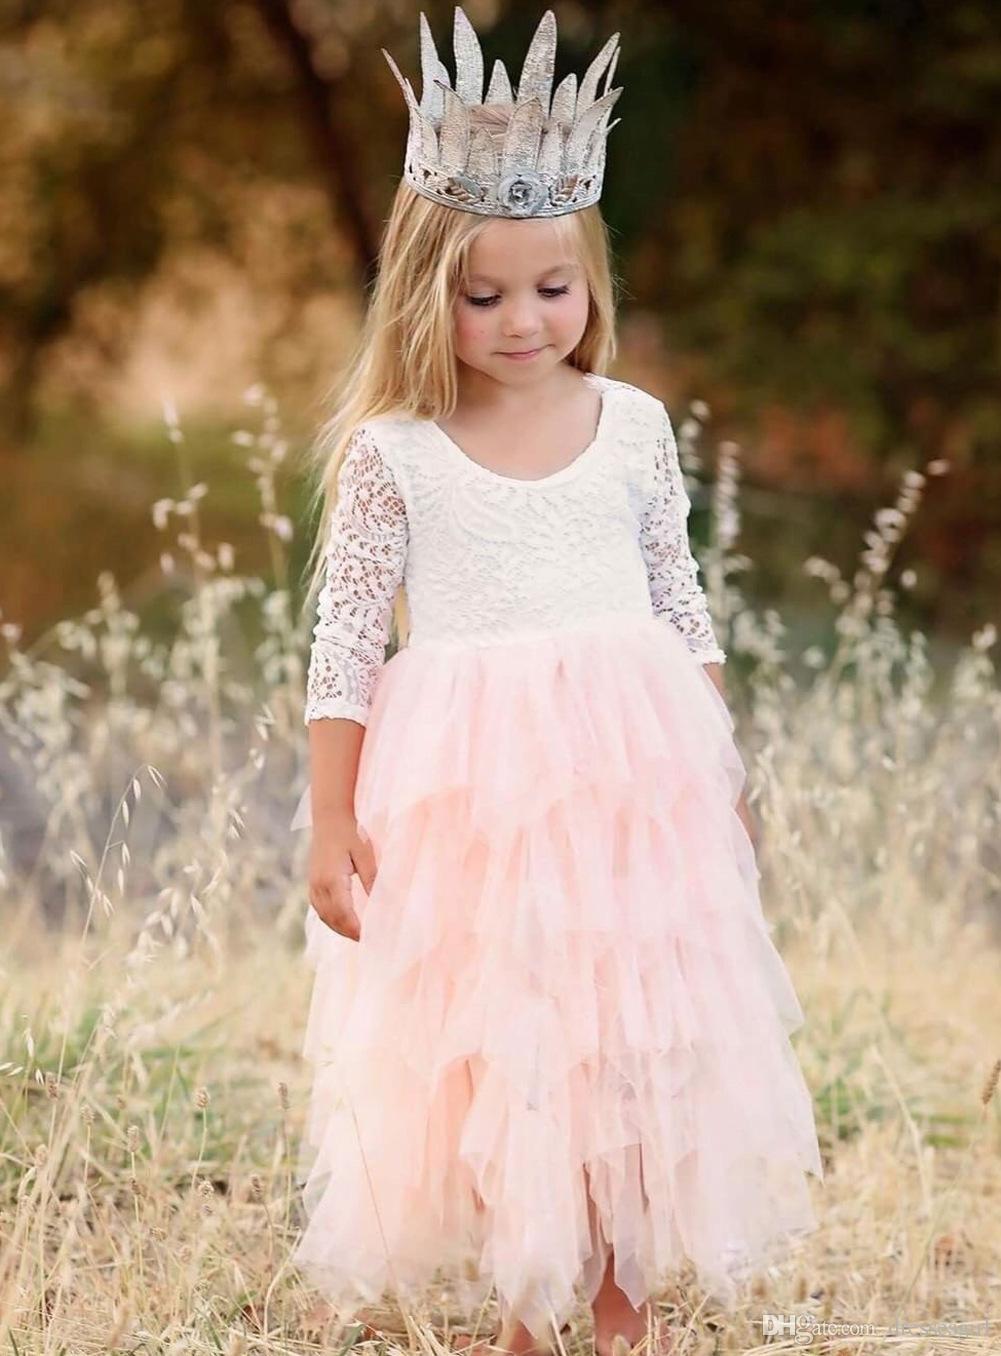 Verão Lindo Bebê Flor Menina Vestido de Princesa Pageant Rendas Tule Meninas Especial Ocasião Vestidos MC1680